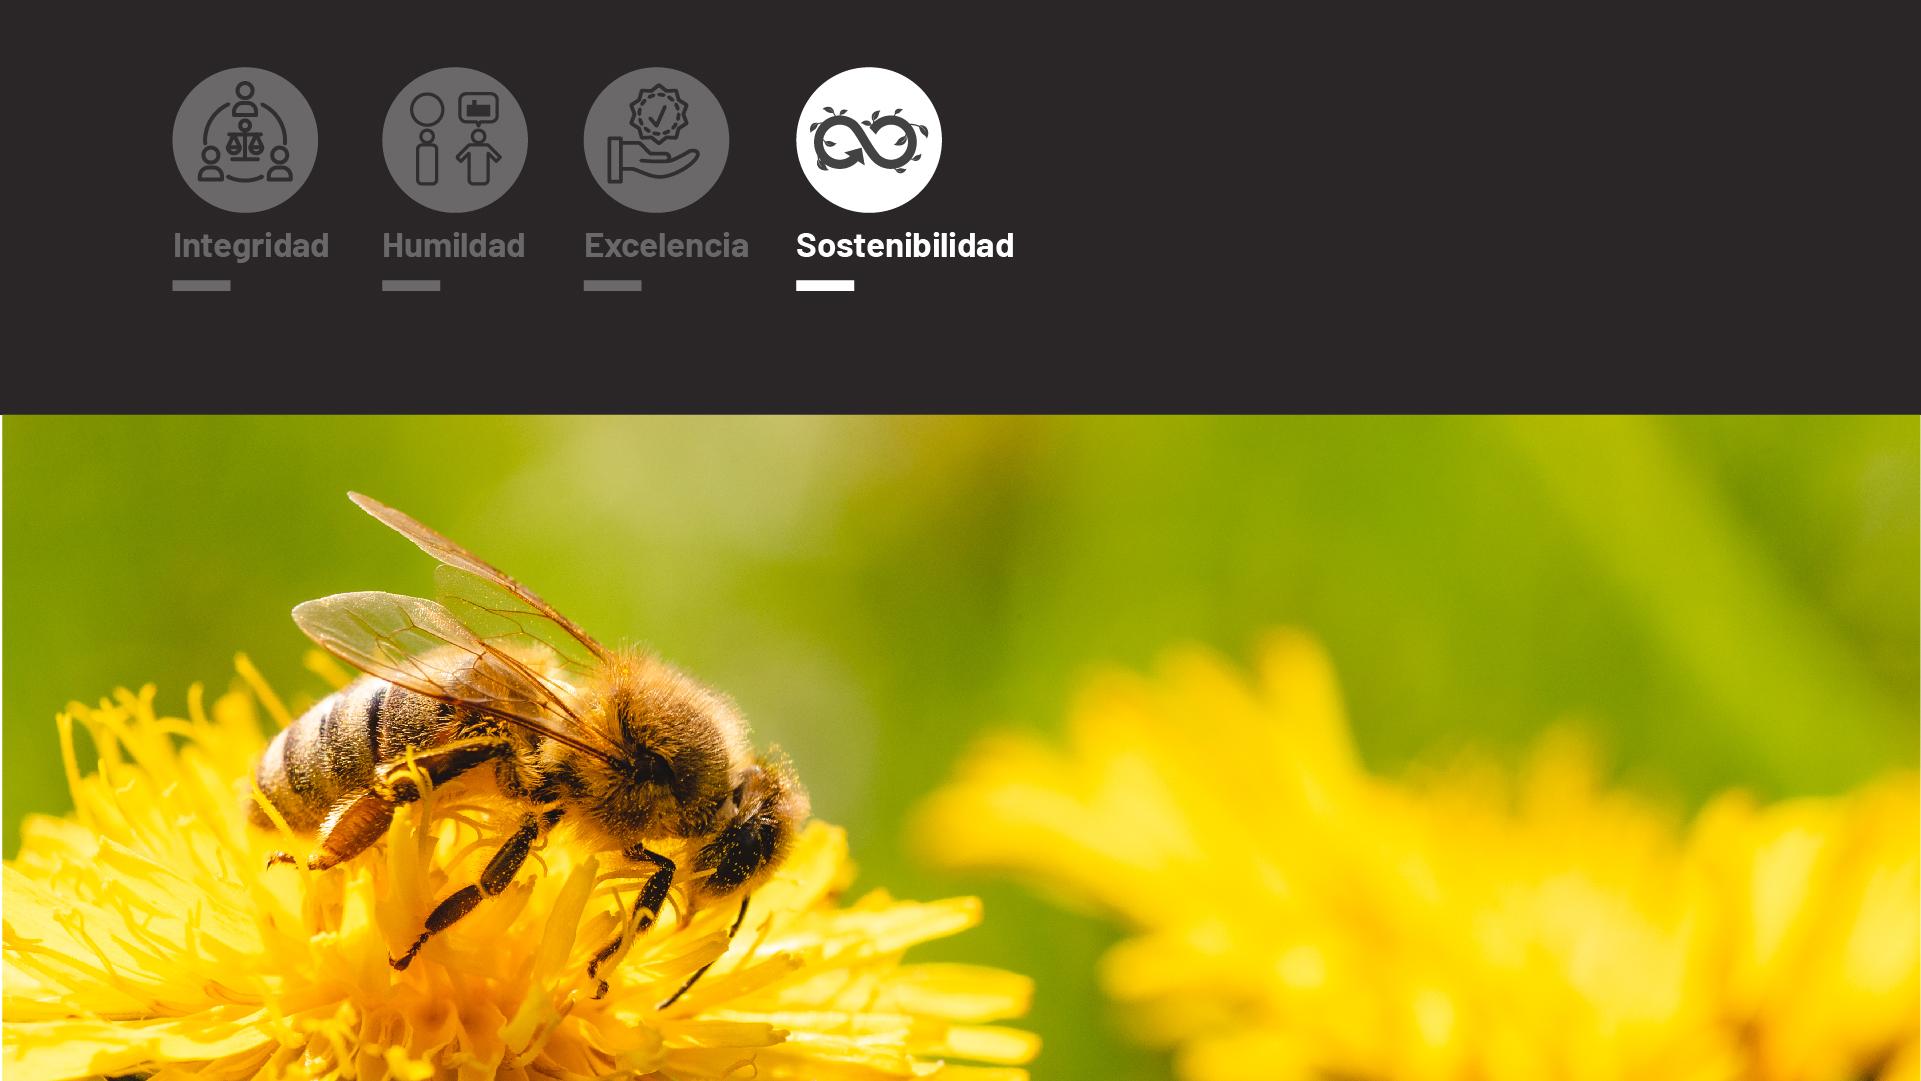 Valores de Friselva, empresa cárnica: Nuestra sostenibilidad y respeto por el medio ambiente